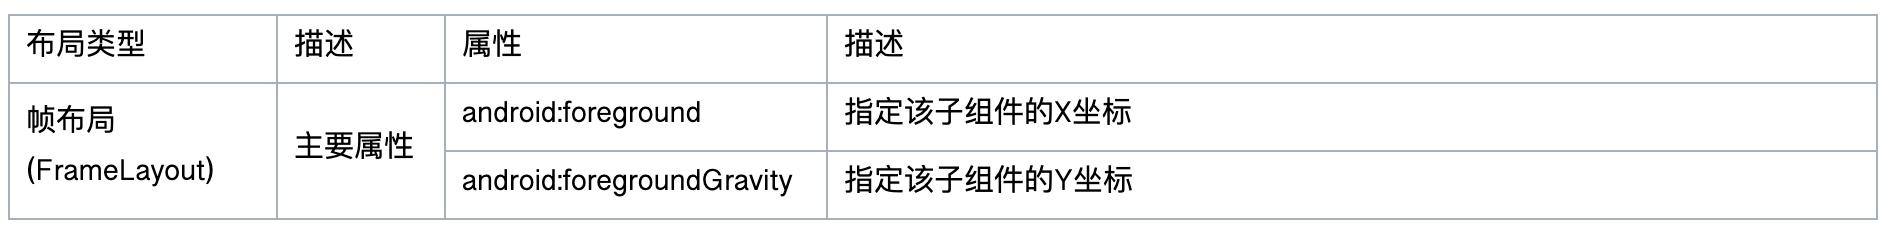 帧布局属性列表